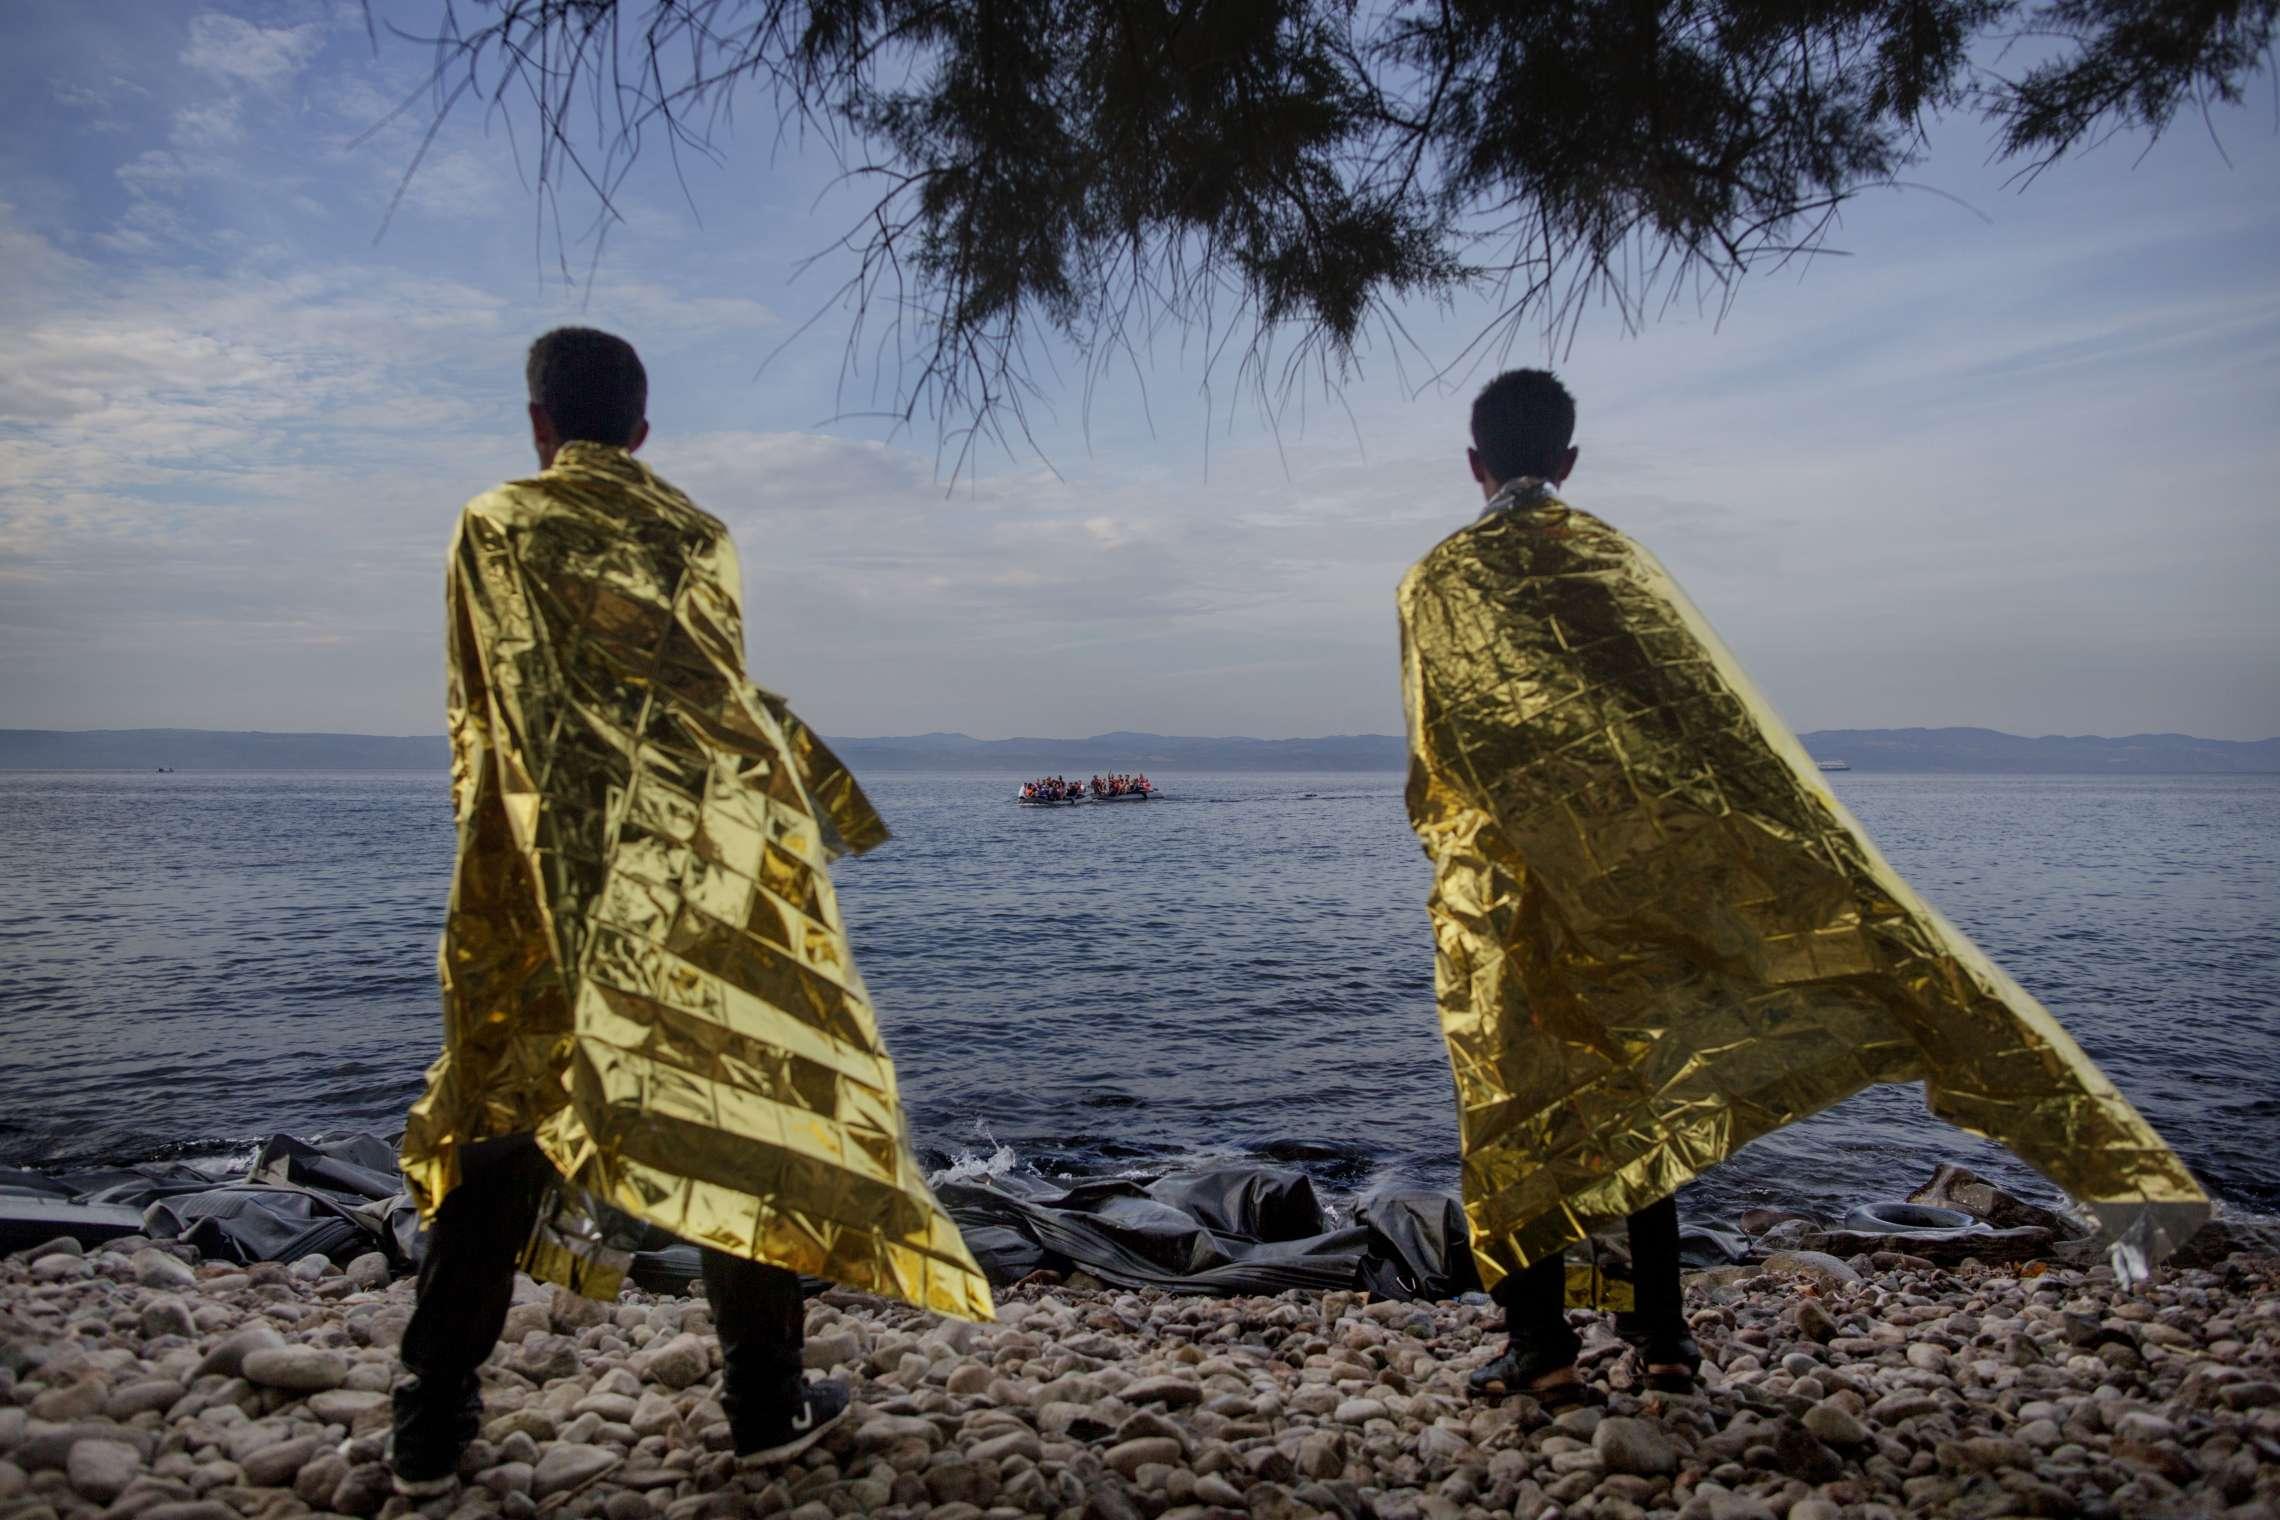 00619 14. Årets fotojournalist 09.09.2015 Flukten til Europa To menn som ankom Lesbos noen minutter tidligere, forsøker å få tilbake vamen med varmefolier delt ut av frivillige mens de ser to nye gummibåter med flyktninger ankomme. Denne dagen kom rundt 40 båter til den greske øya med mer enn 2.000 flyktninger. Over en million flyktninger har kommet til Europa i 2015 via sjøveien, en stor andel av dem syrere som rømmer fra den brutale borgerkrigen i deres hjemland. De aller fleste av dem har fulgt ruten gjennom Tyrkia, Hellas, Balkan til nord-Europa. Tusener har omkommet i overfylte båter på Middelhavet, desperate flyktninger har levd i overfylte leire, europeiske myndigheter har stått overfor den største flyktningkrisen på kontinentet siden 2. verdenskrig. Krisen har skapt splittelse i EU, grensegjerder har blitt bygget, men mest av alt har den bragt de globale utfordringene inn på vår dørstokk. Jeg fulgte i flyktningene fotspor, fra grensen mellom Syria og Tyrkia, til Hellas, Makedonia, Serbia, Kroatia, Slovenia til Tyskland.